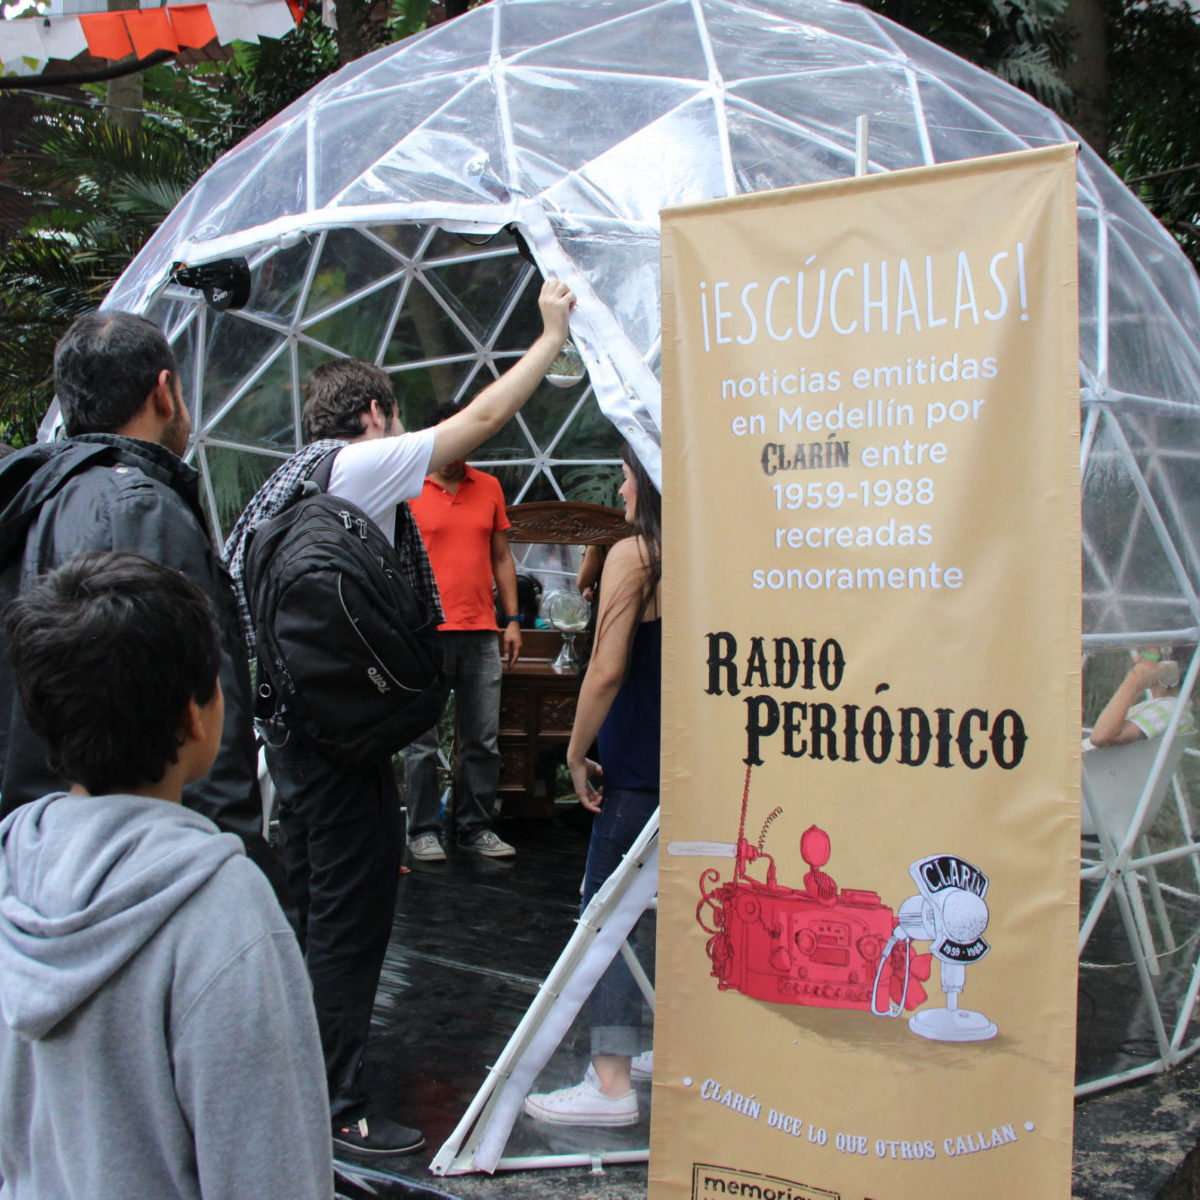 Radioperiódico Clarín en Fiesta del Libro 2015